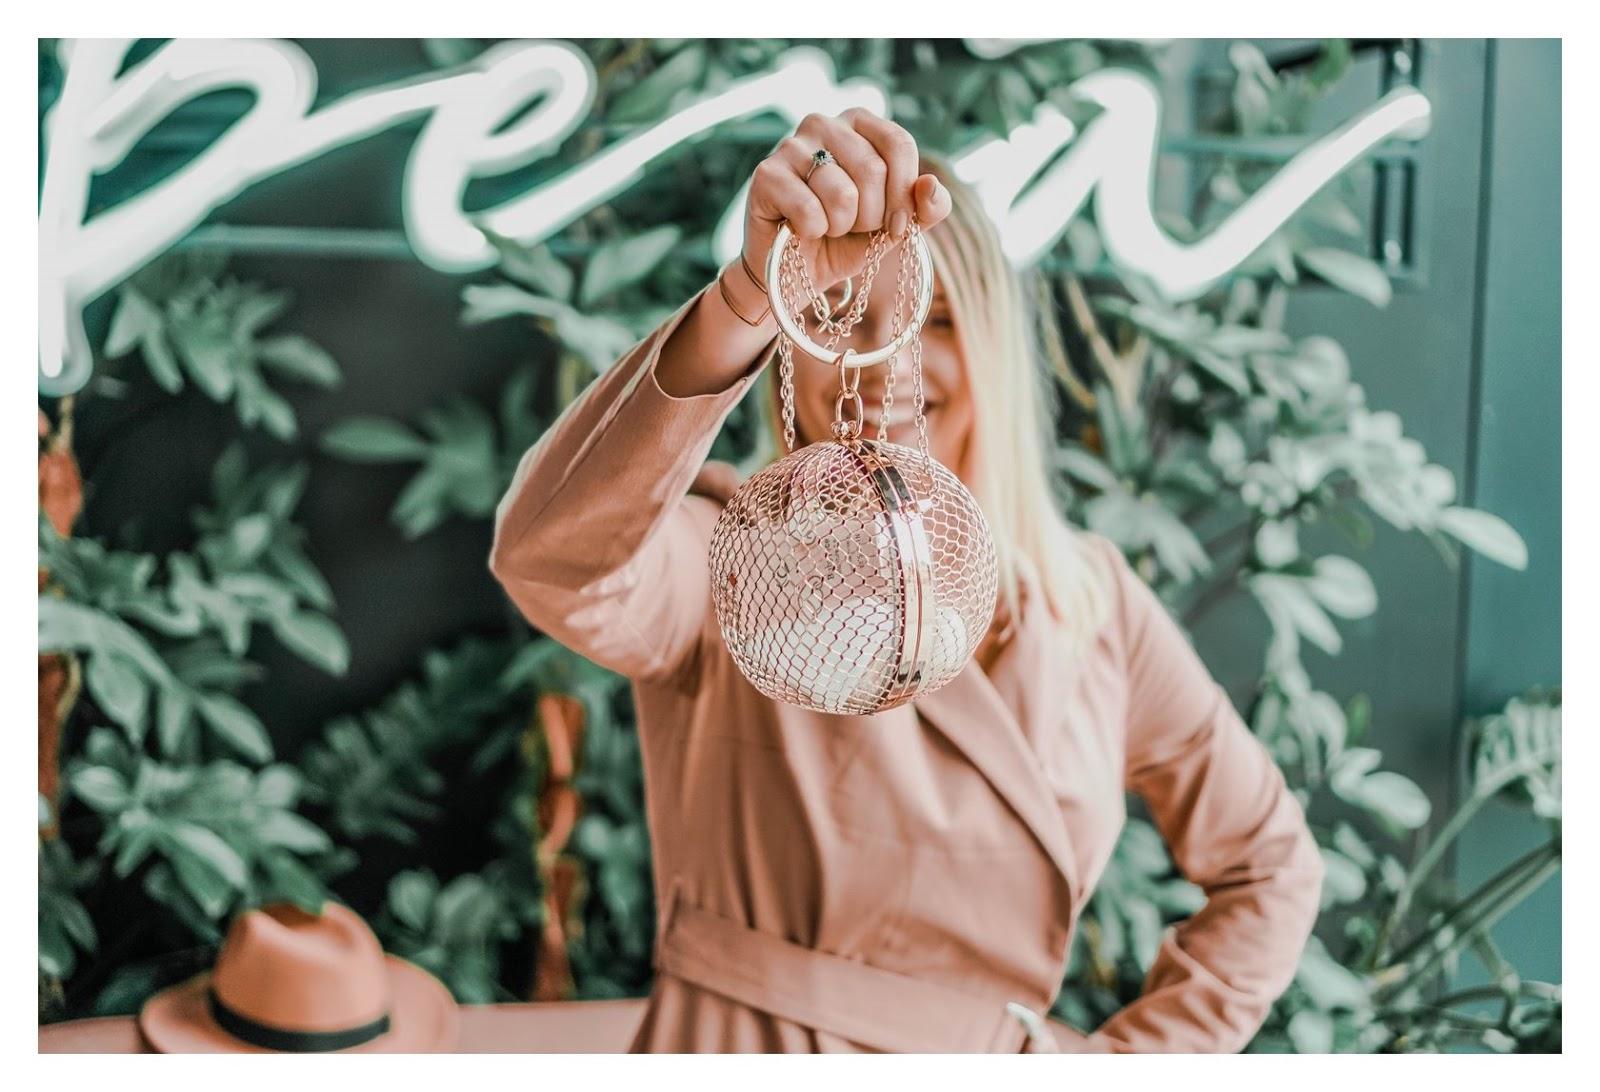 6 nakd sukienka julia wieniawa kolekcja ubrań cena gdzie kupić sukienka trendy na wiosnę 2019 sukienka o kroju płaszcza jak nosić kapelusz złota biżuteria apart torebka asos outlet satisfashion ocena jakość opinie łódź